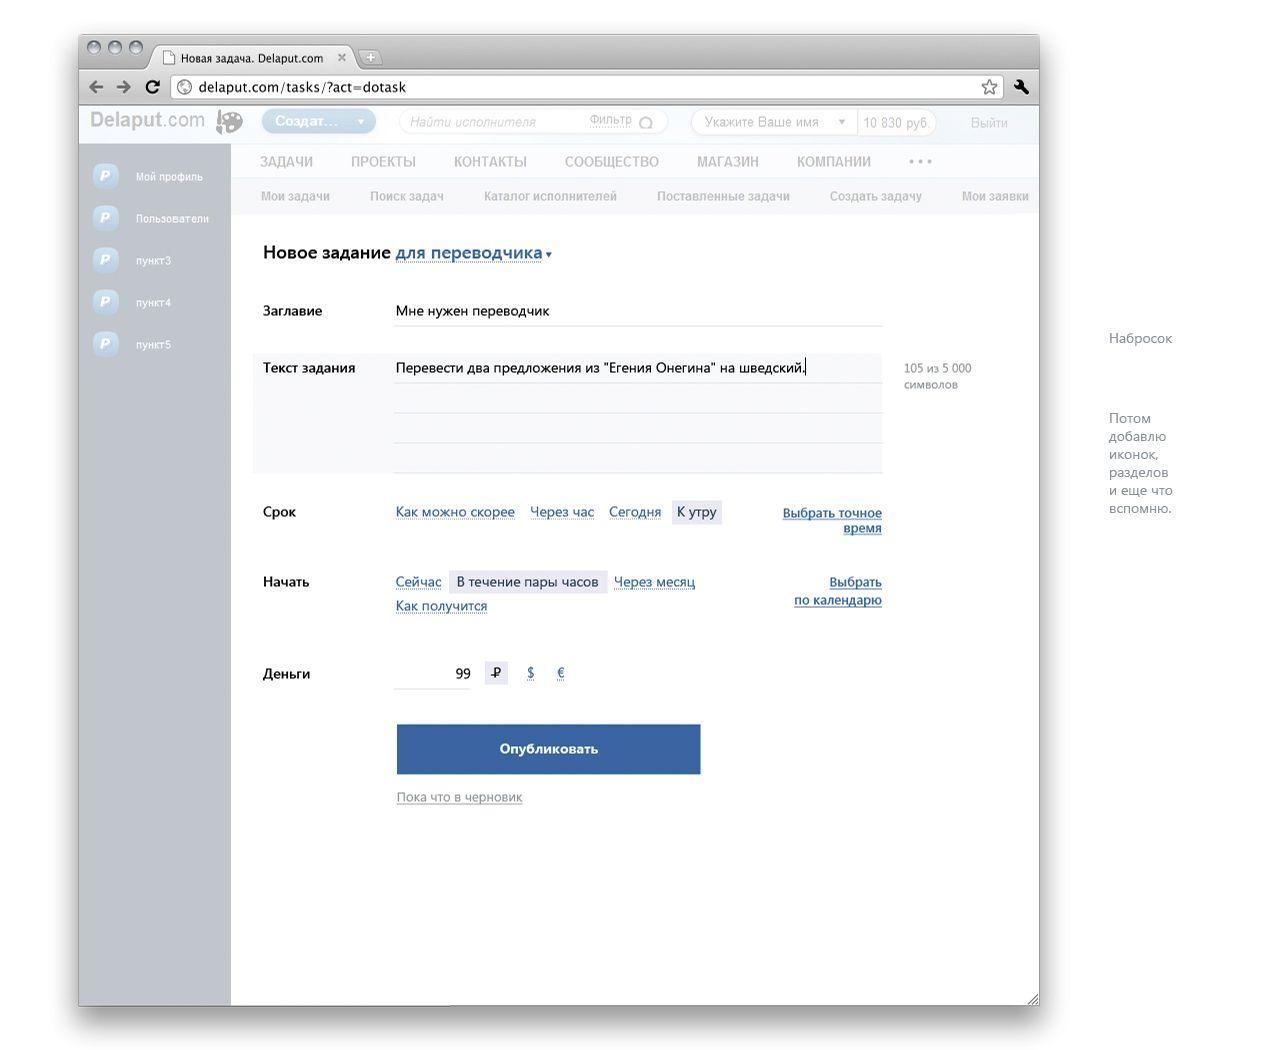 Интерфейс страницы добавления универсальной задачи - дизайнер zhs